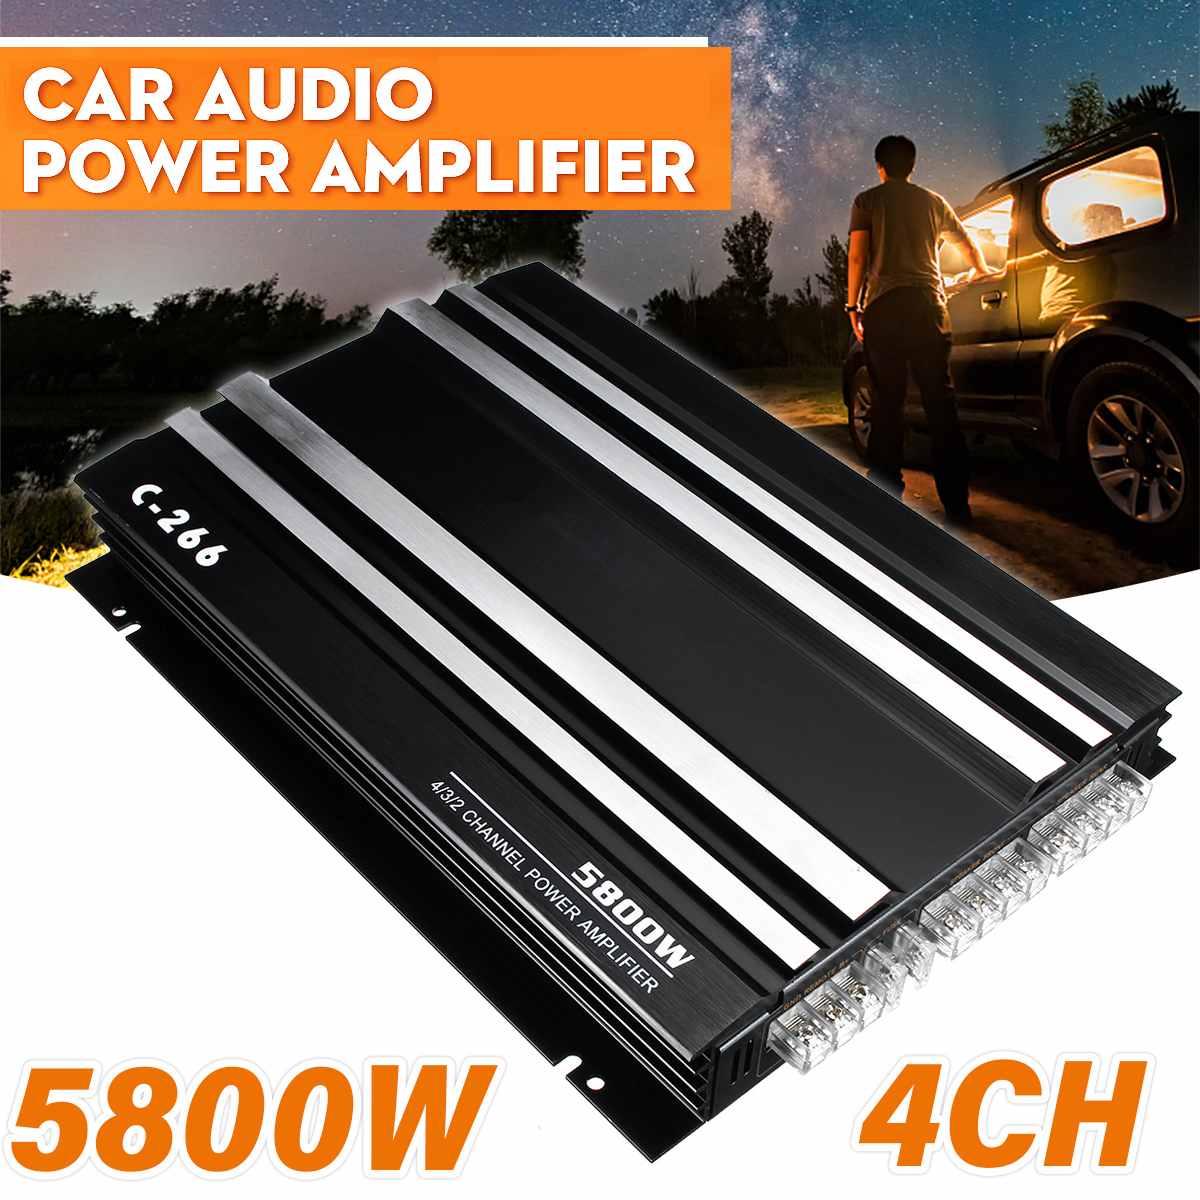 Amplificador de áudio automotivo de 12v 5800w, amplificador multicanal, subwoofer, liga de alumínio, para veículo, estéreo, amplificador de som para carro